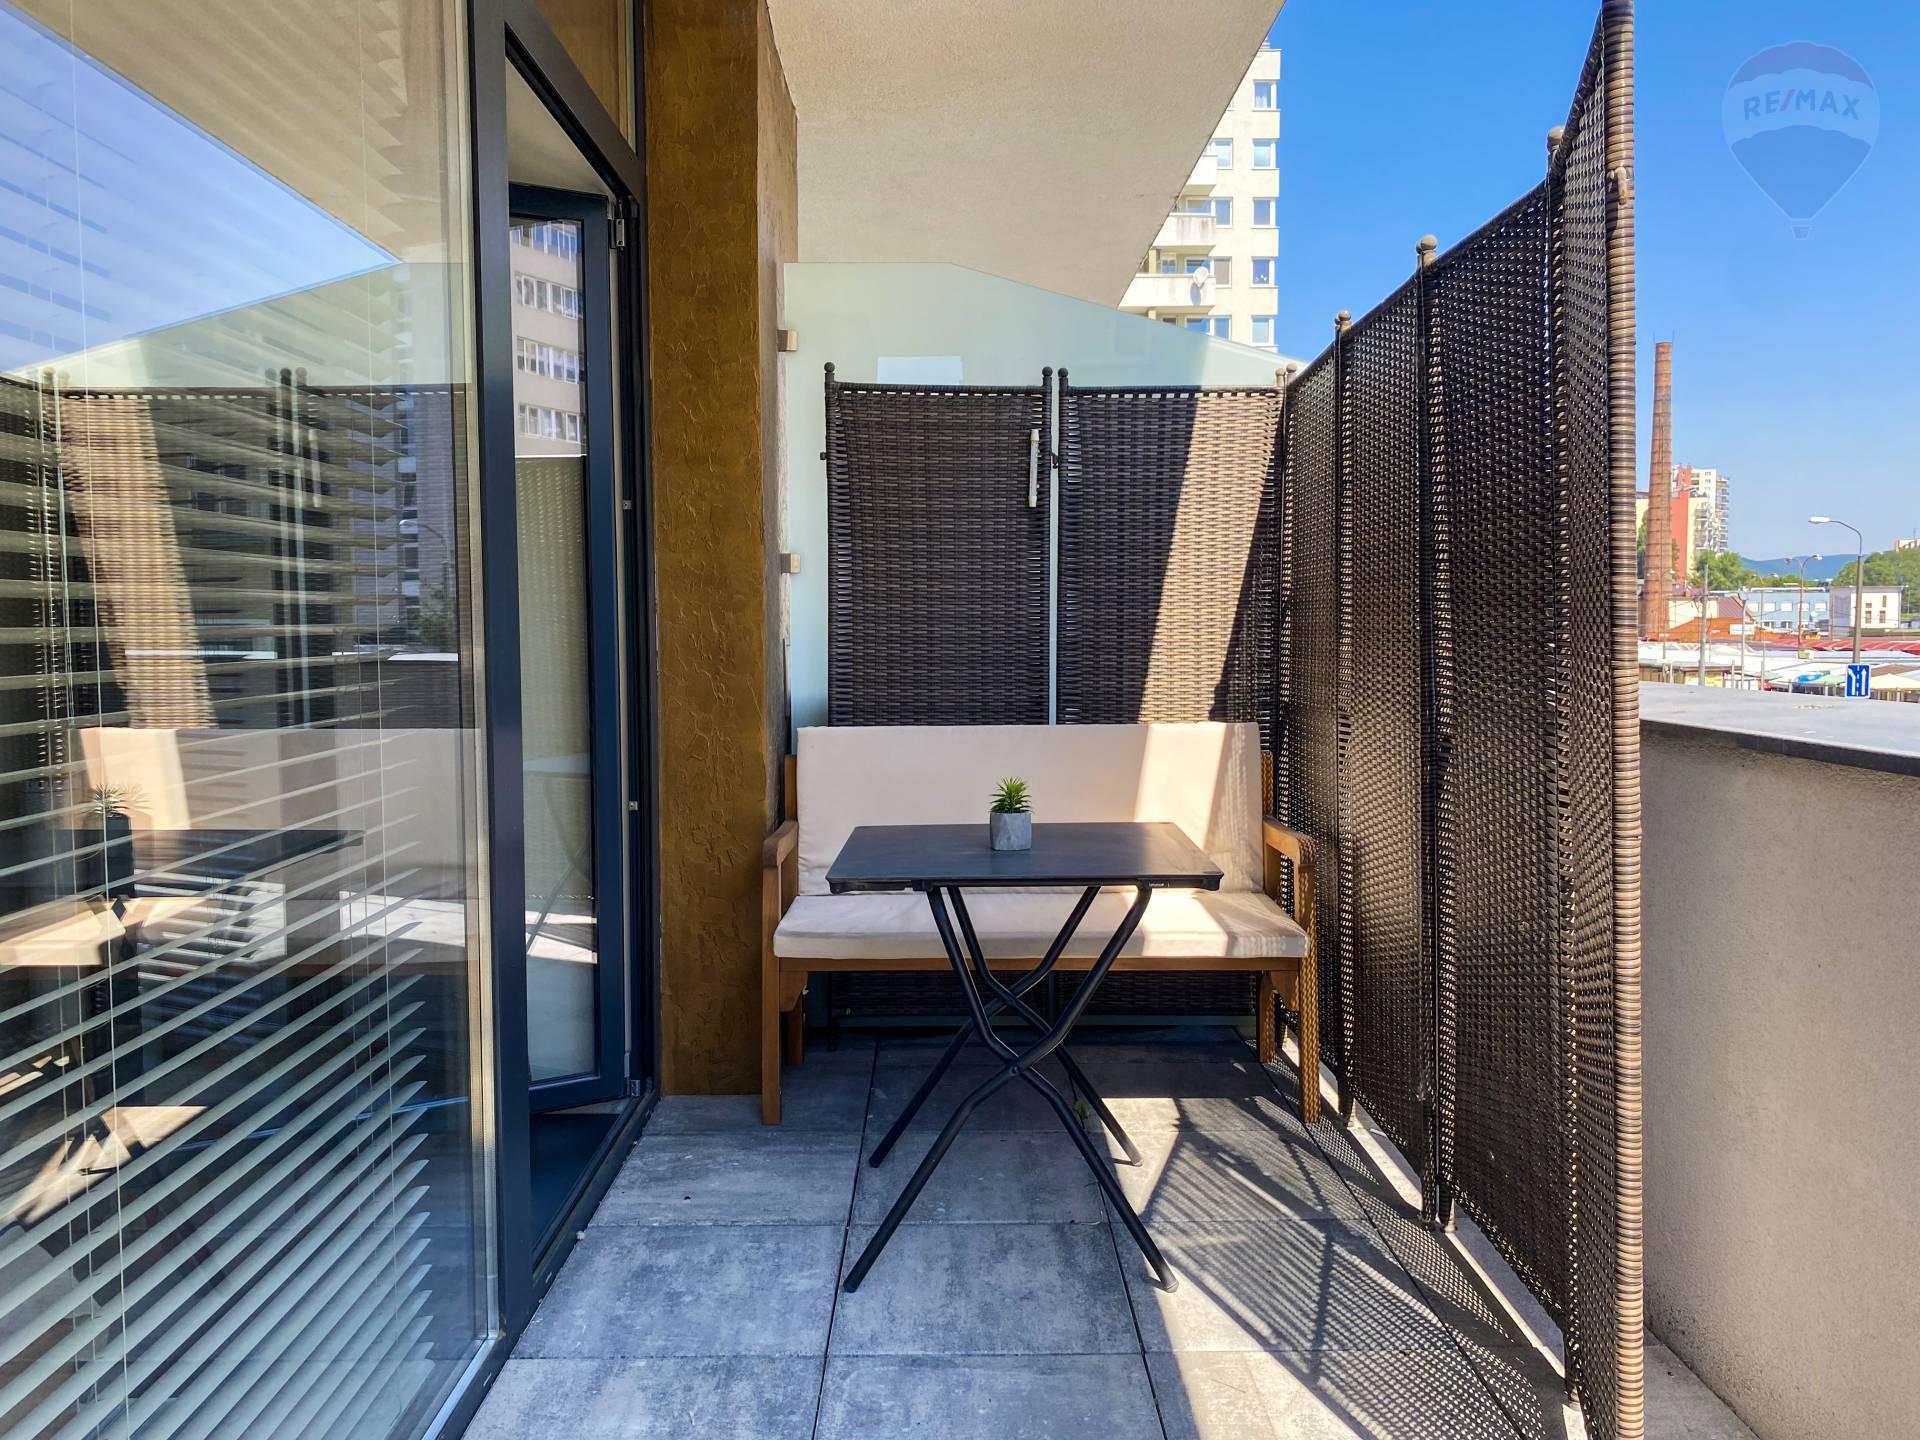 Predaj bytu (garsónka) 30 m2, Bratislava - Ružinov - Garsónka v centre mesta na Miletičovej 60 s 35m2 terasou